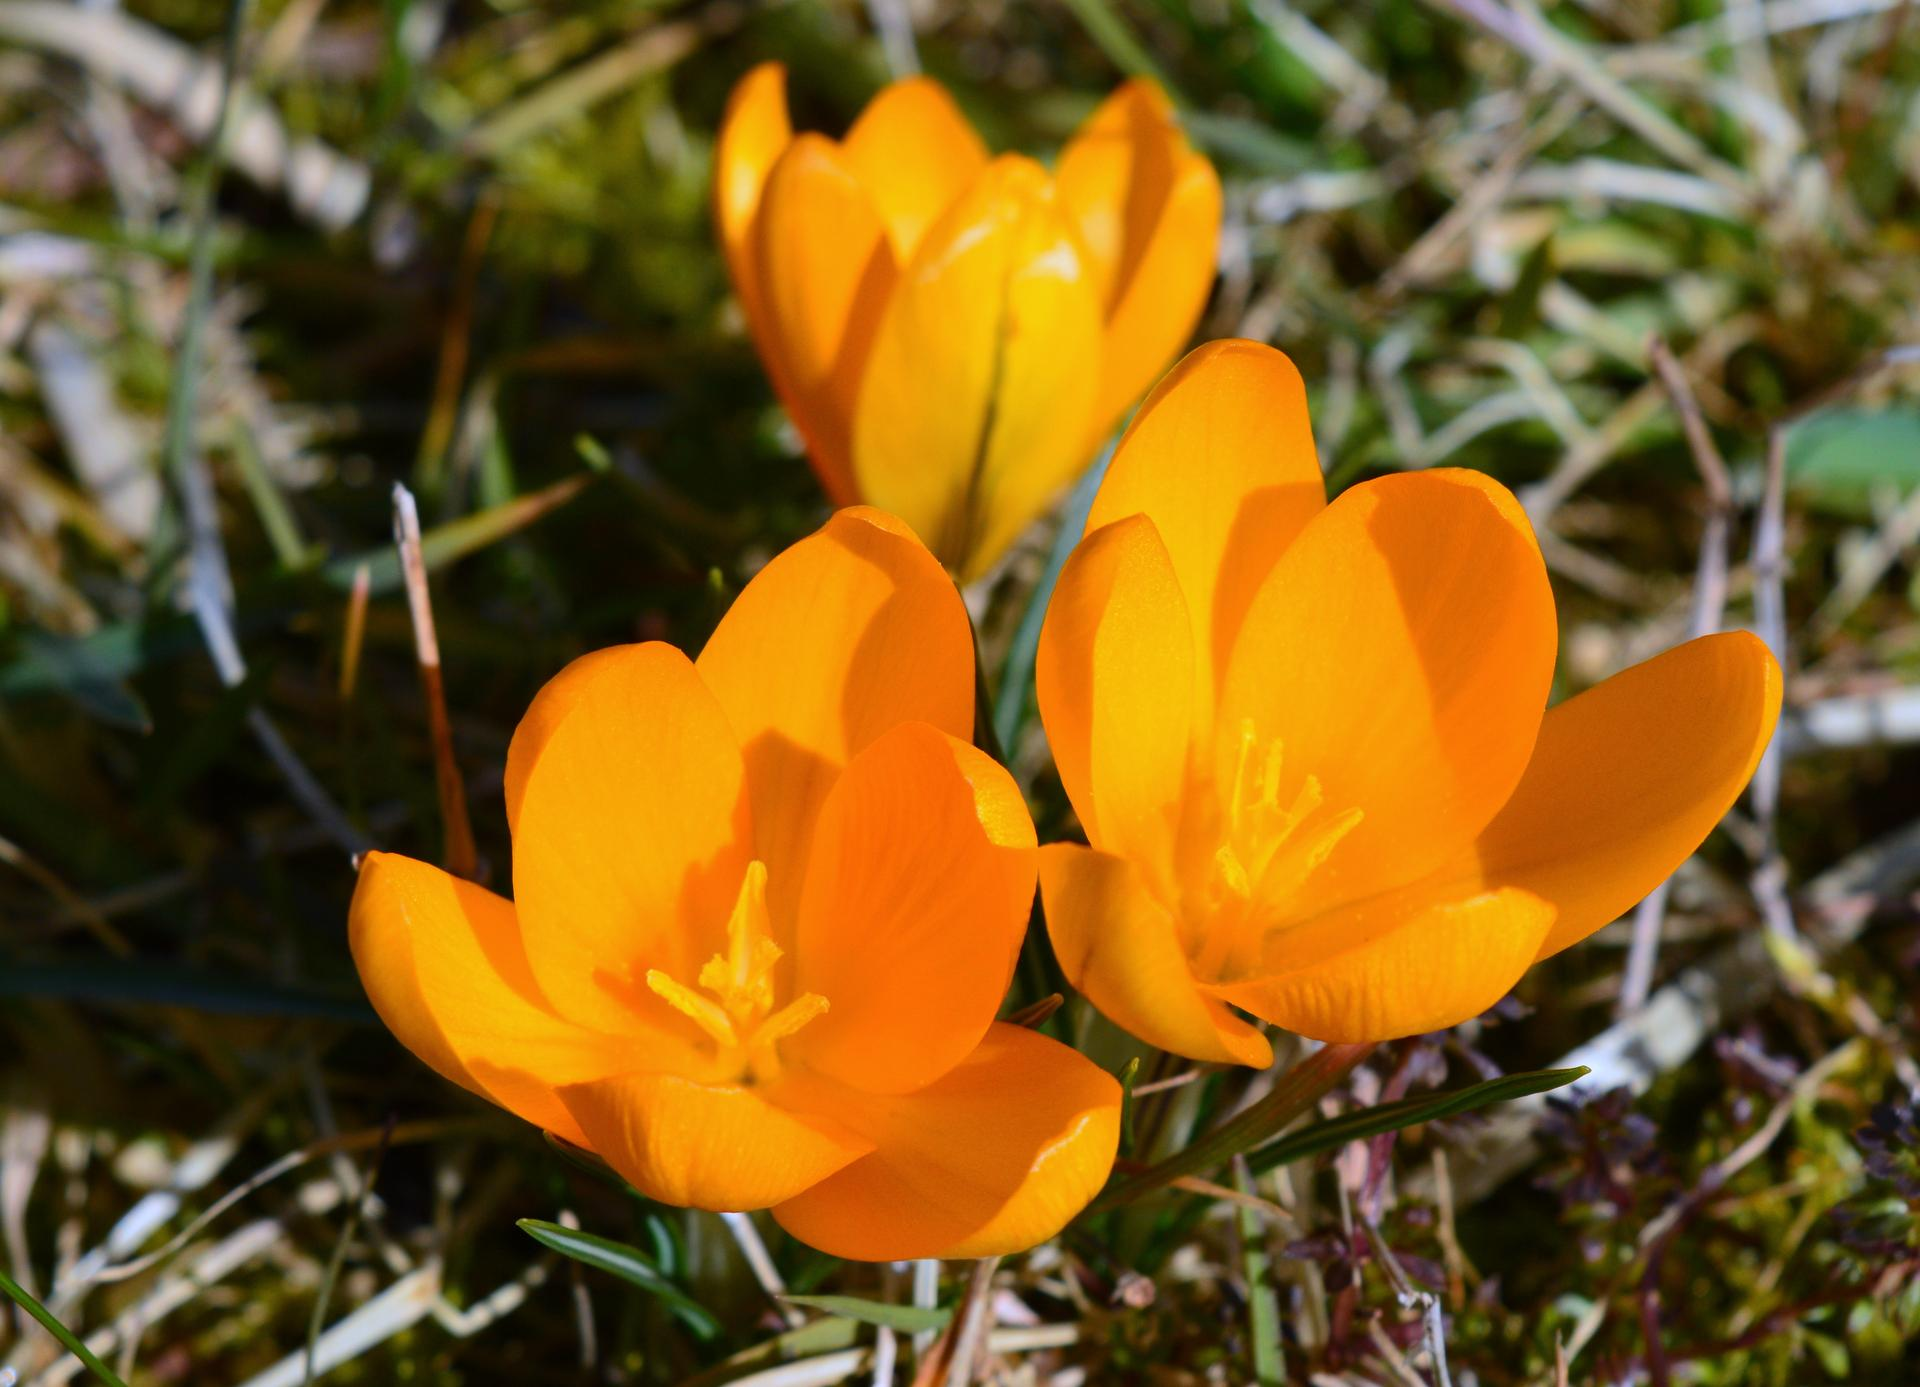 Naša prírodná perma záhradka v roku 2020 - tieto slniečka krásne vyniknú v polooschnutej tráve